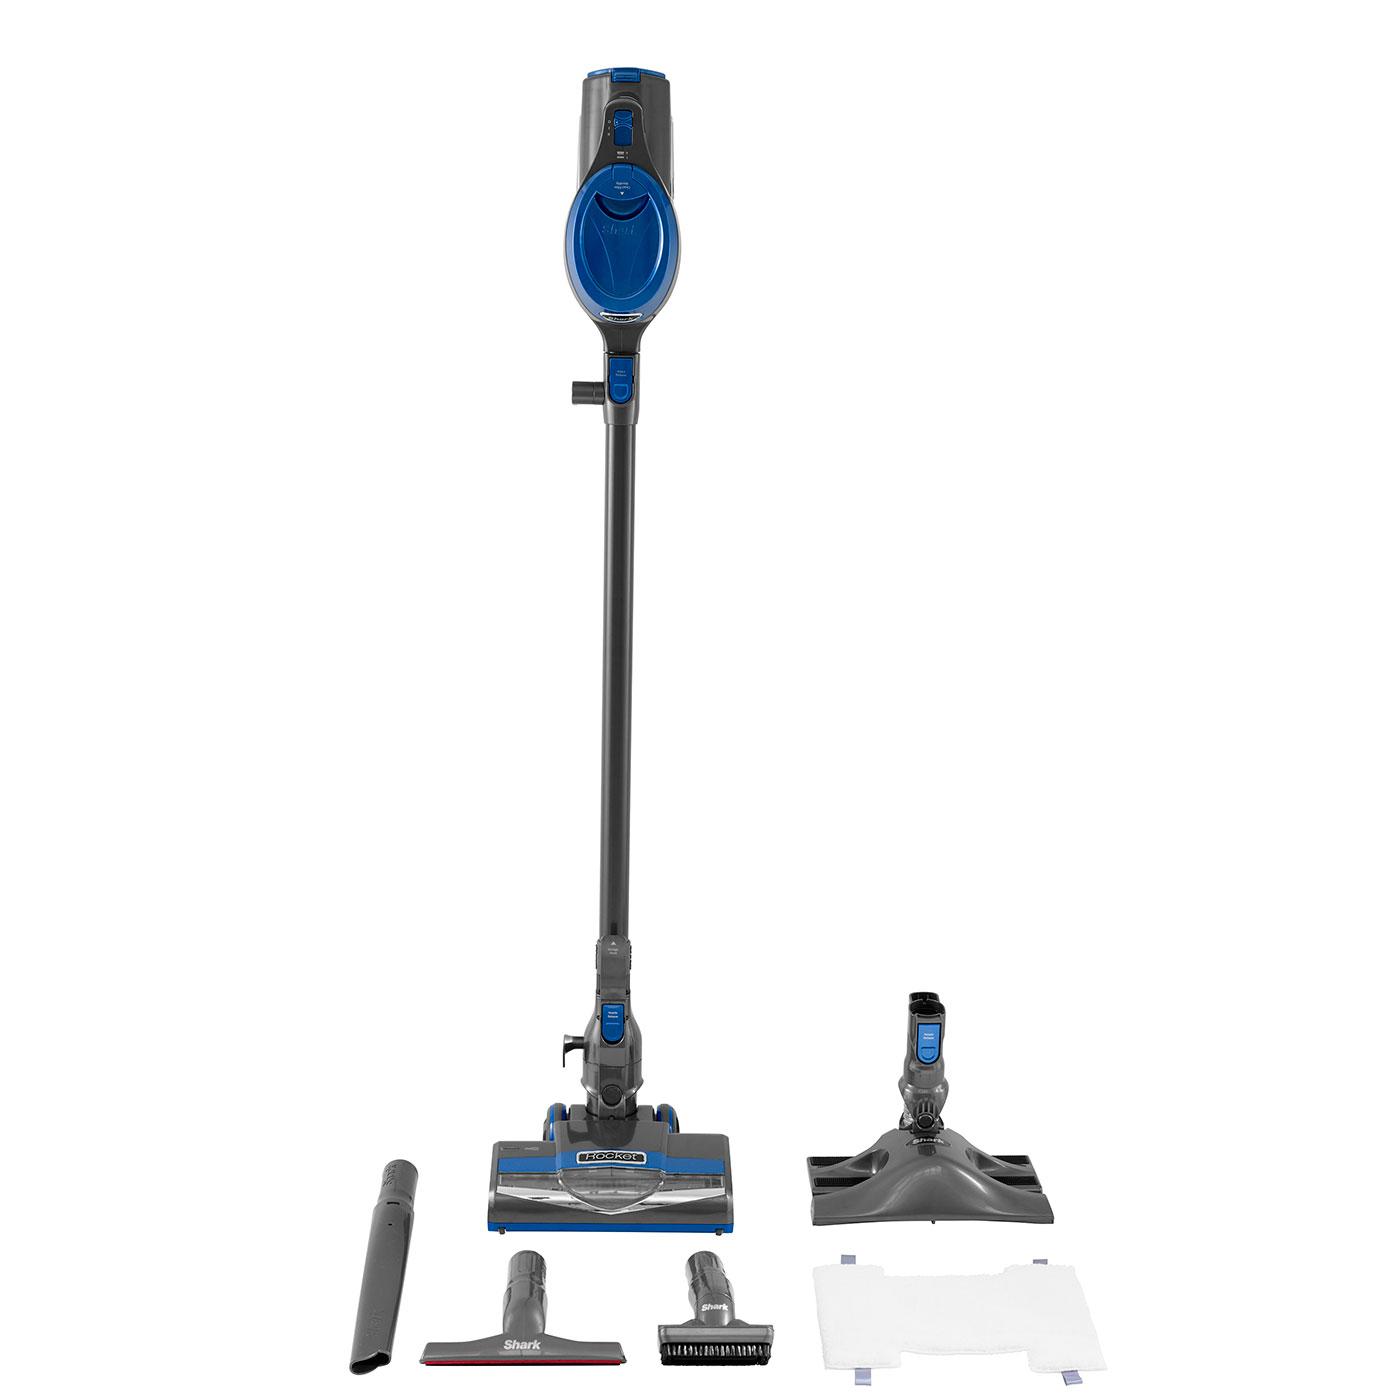 Shark Corded Stick Vacuum Cleaner Hv300uk